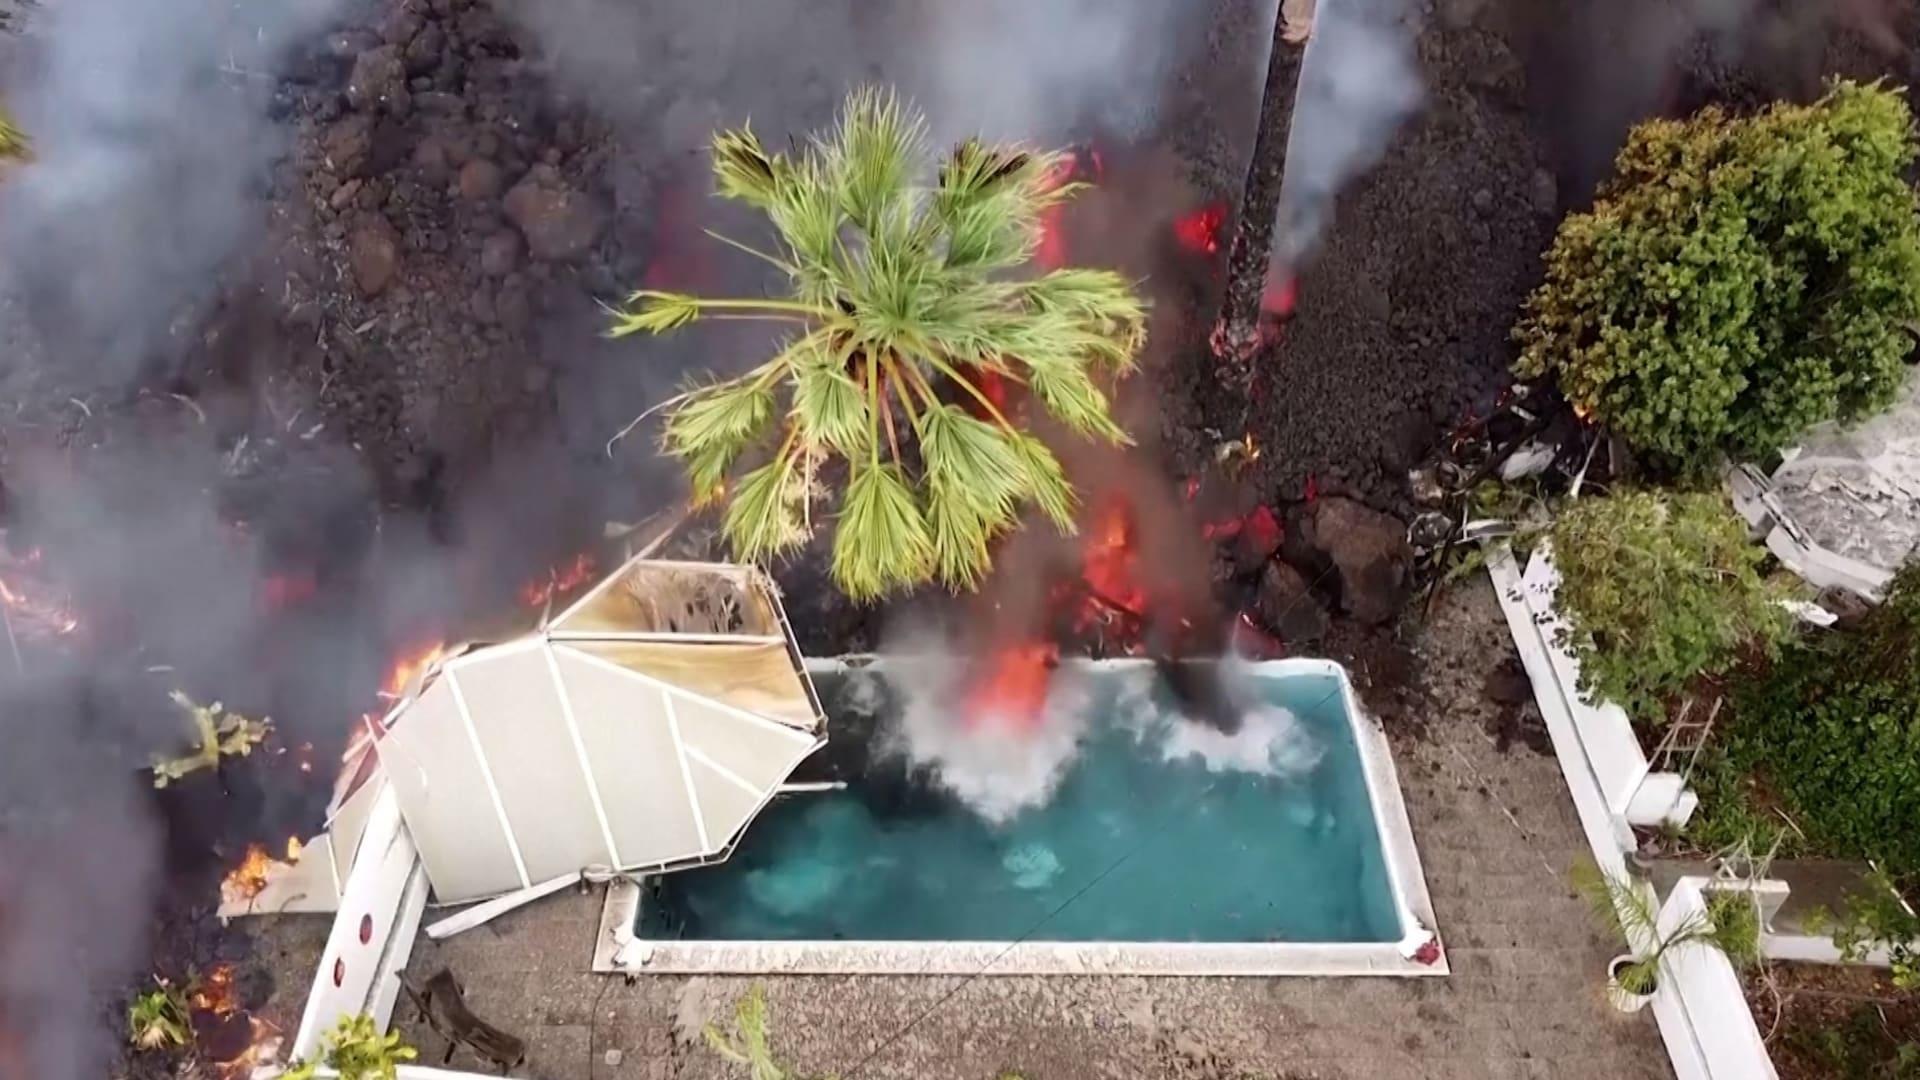 حمم بركانية تبتلع أحواض سباحة ومنازل في إسبانيا.. هكذا كان المشهد